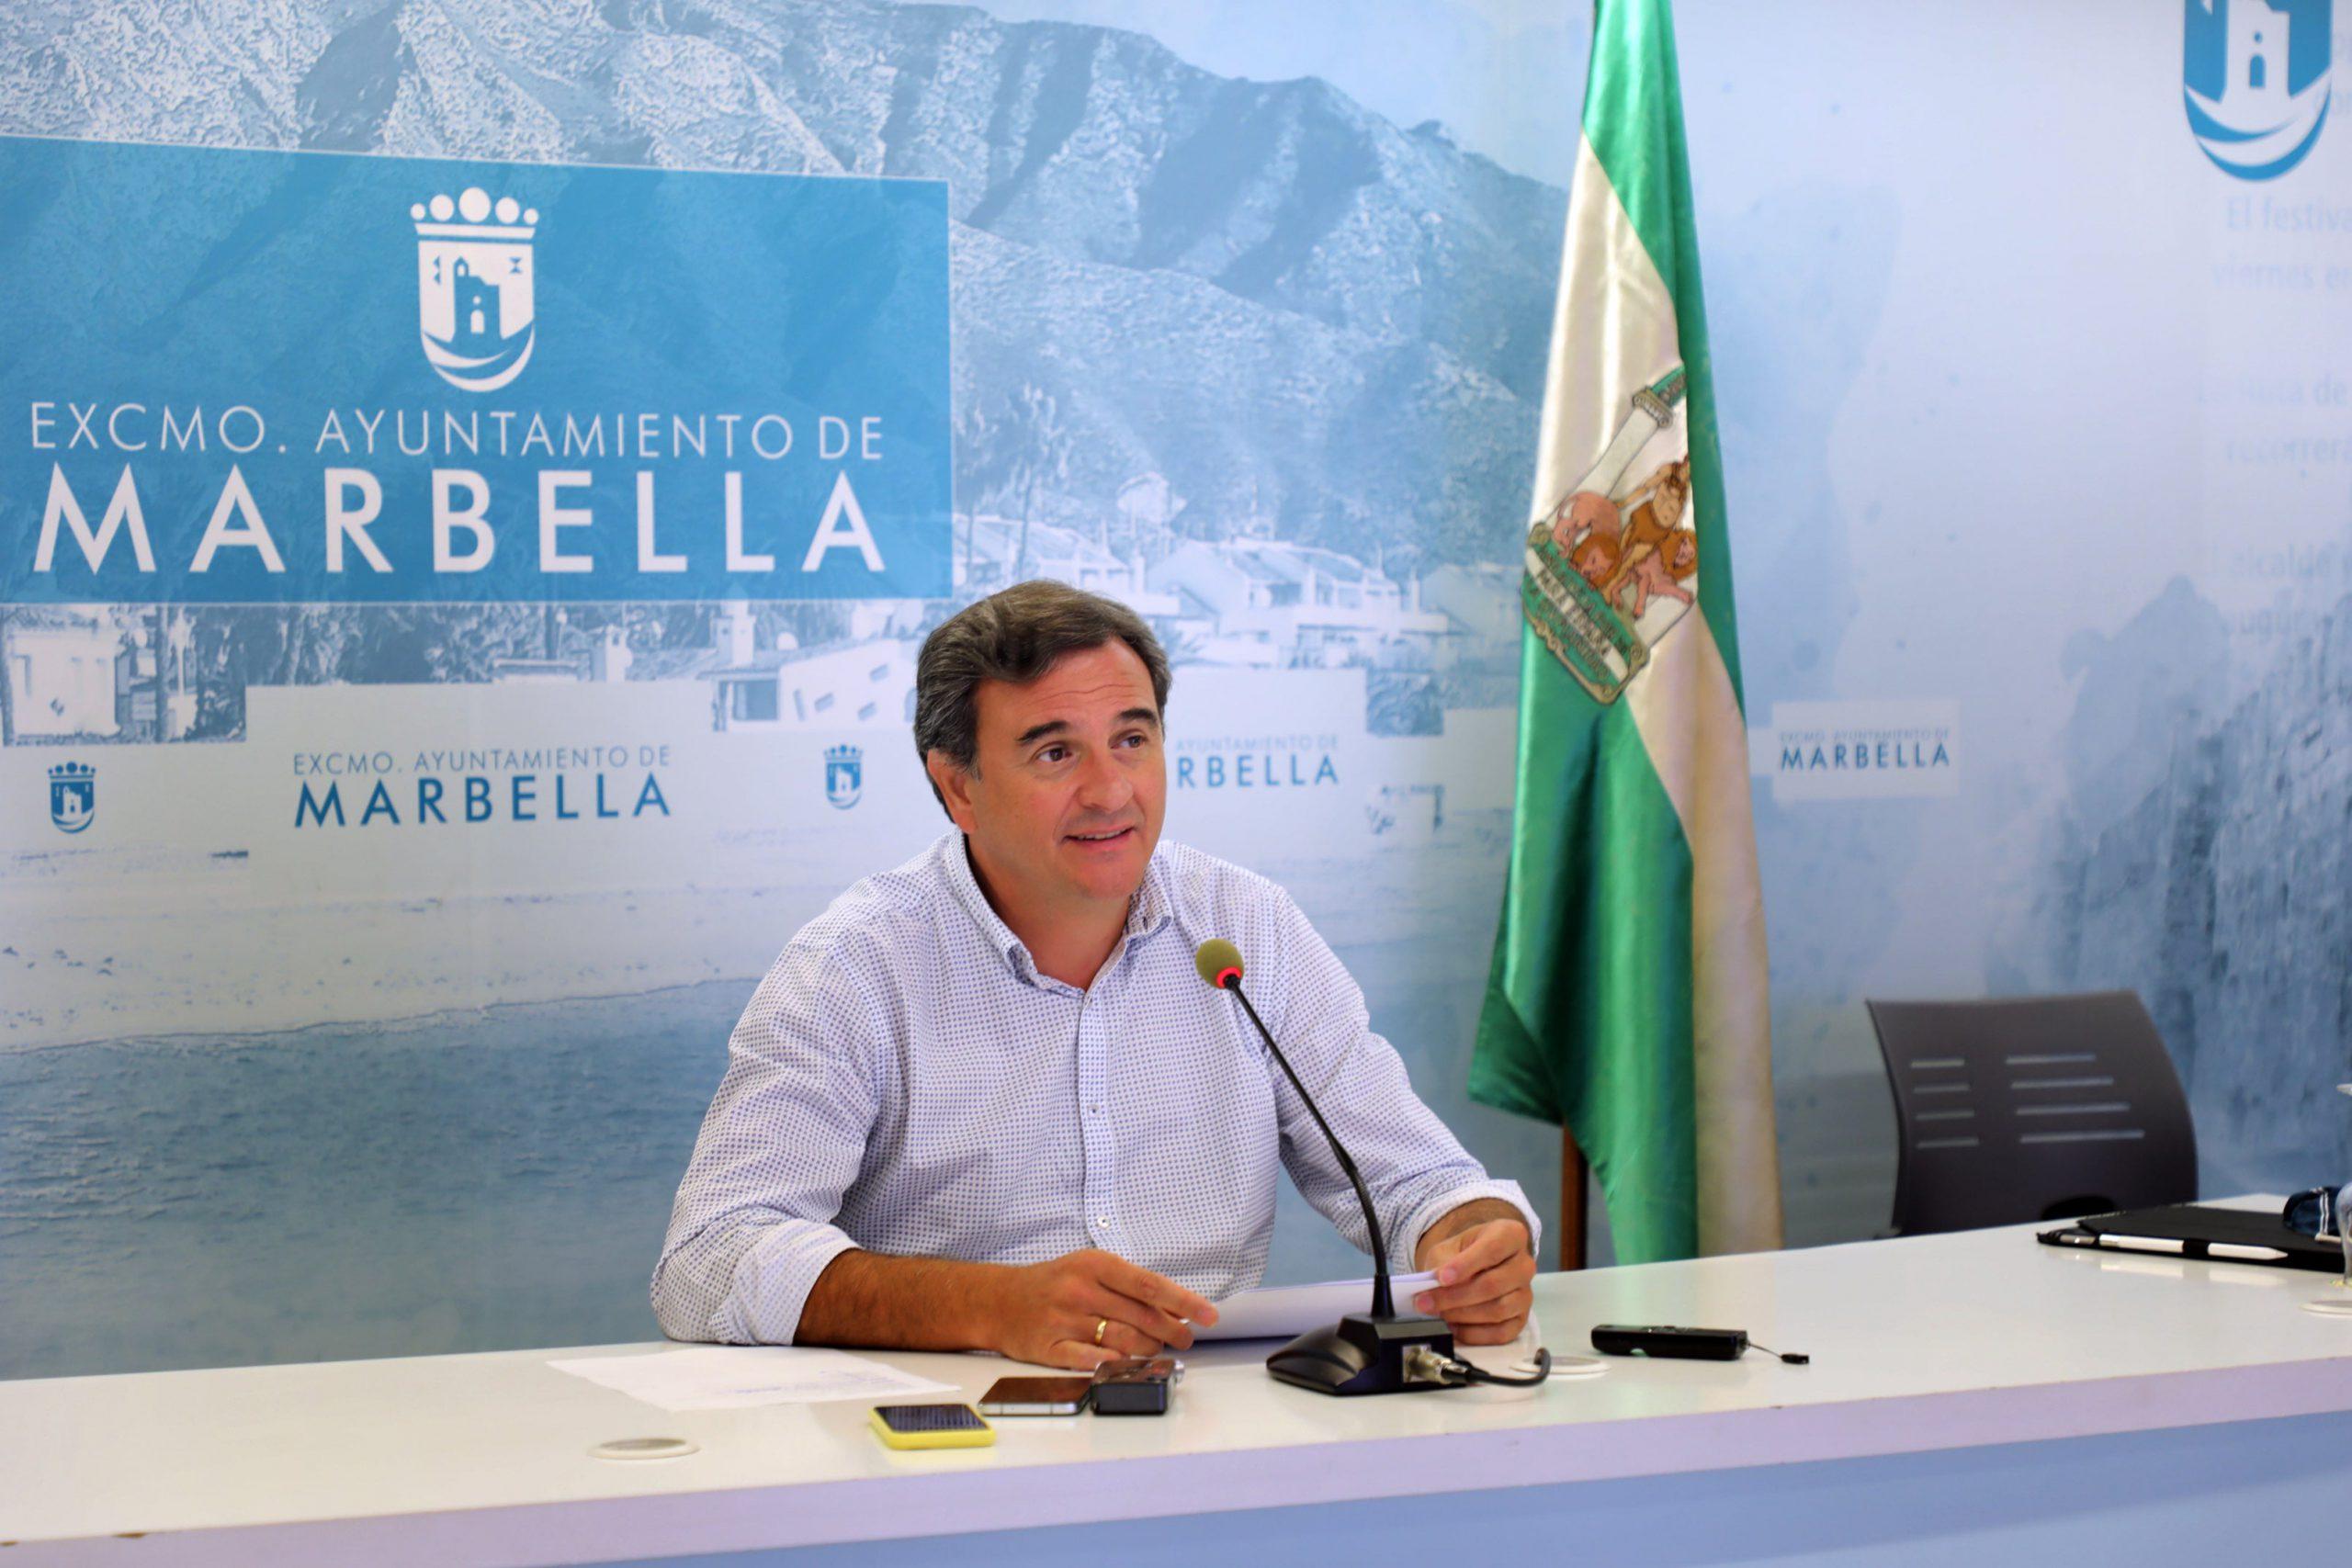 Marbella cerrará las playas del municipio entre las 21:30 horas y las 7:00 horas